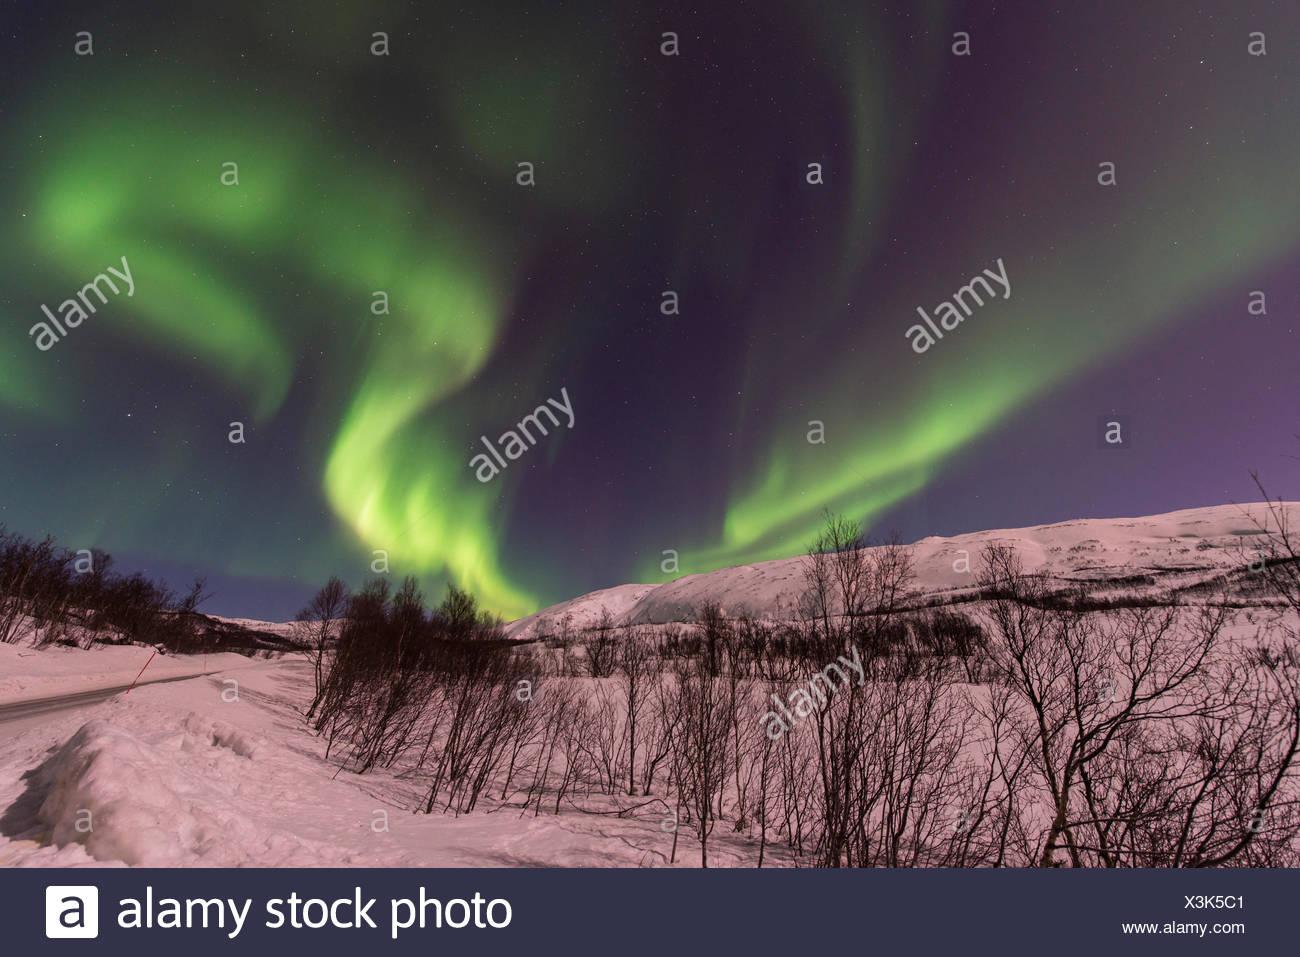 Eddy aurora en paysage d'hiver, la Norvège, Troms, Finnvikdalen Banque D'Images